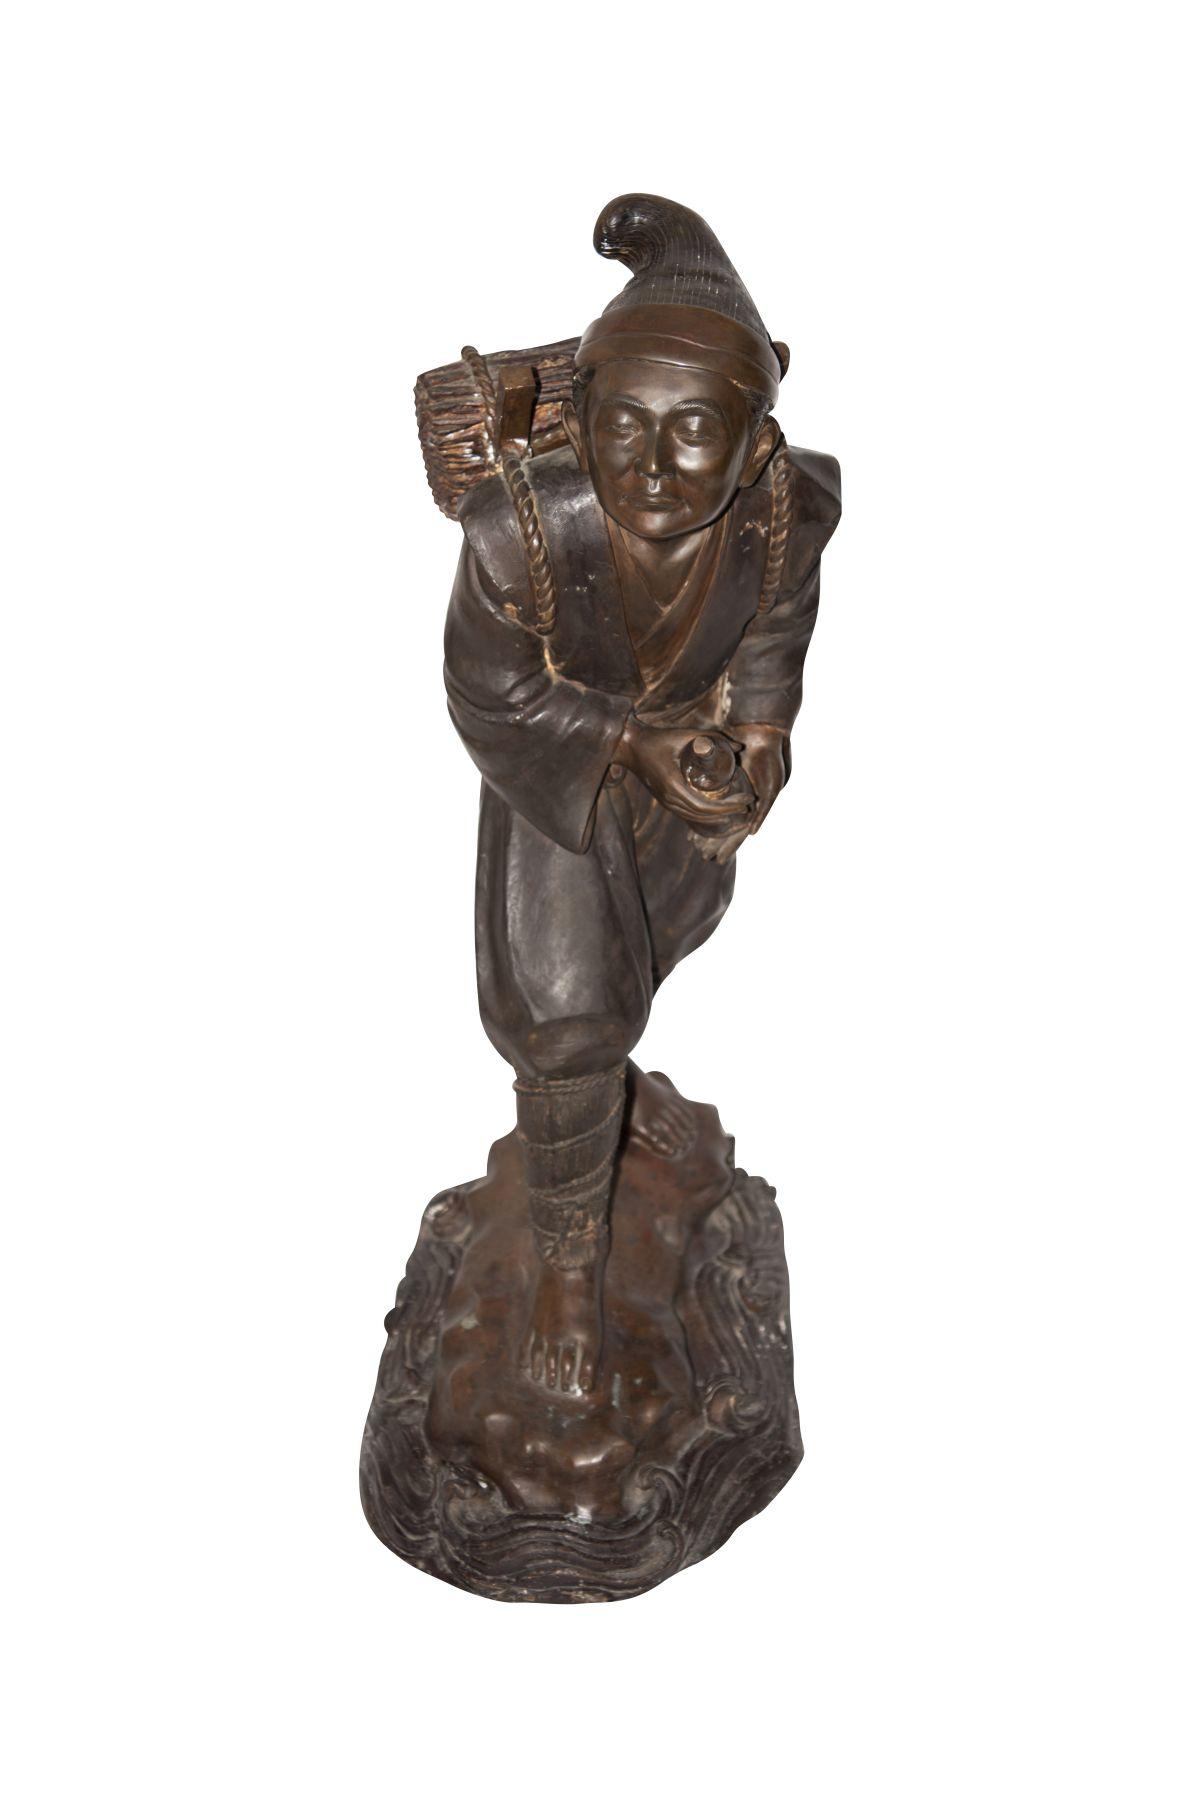 #44 Large bronze figure of a Chinese miner | Große Bronze Figur eines chinesischen Bergmannes Image